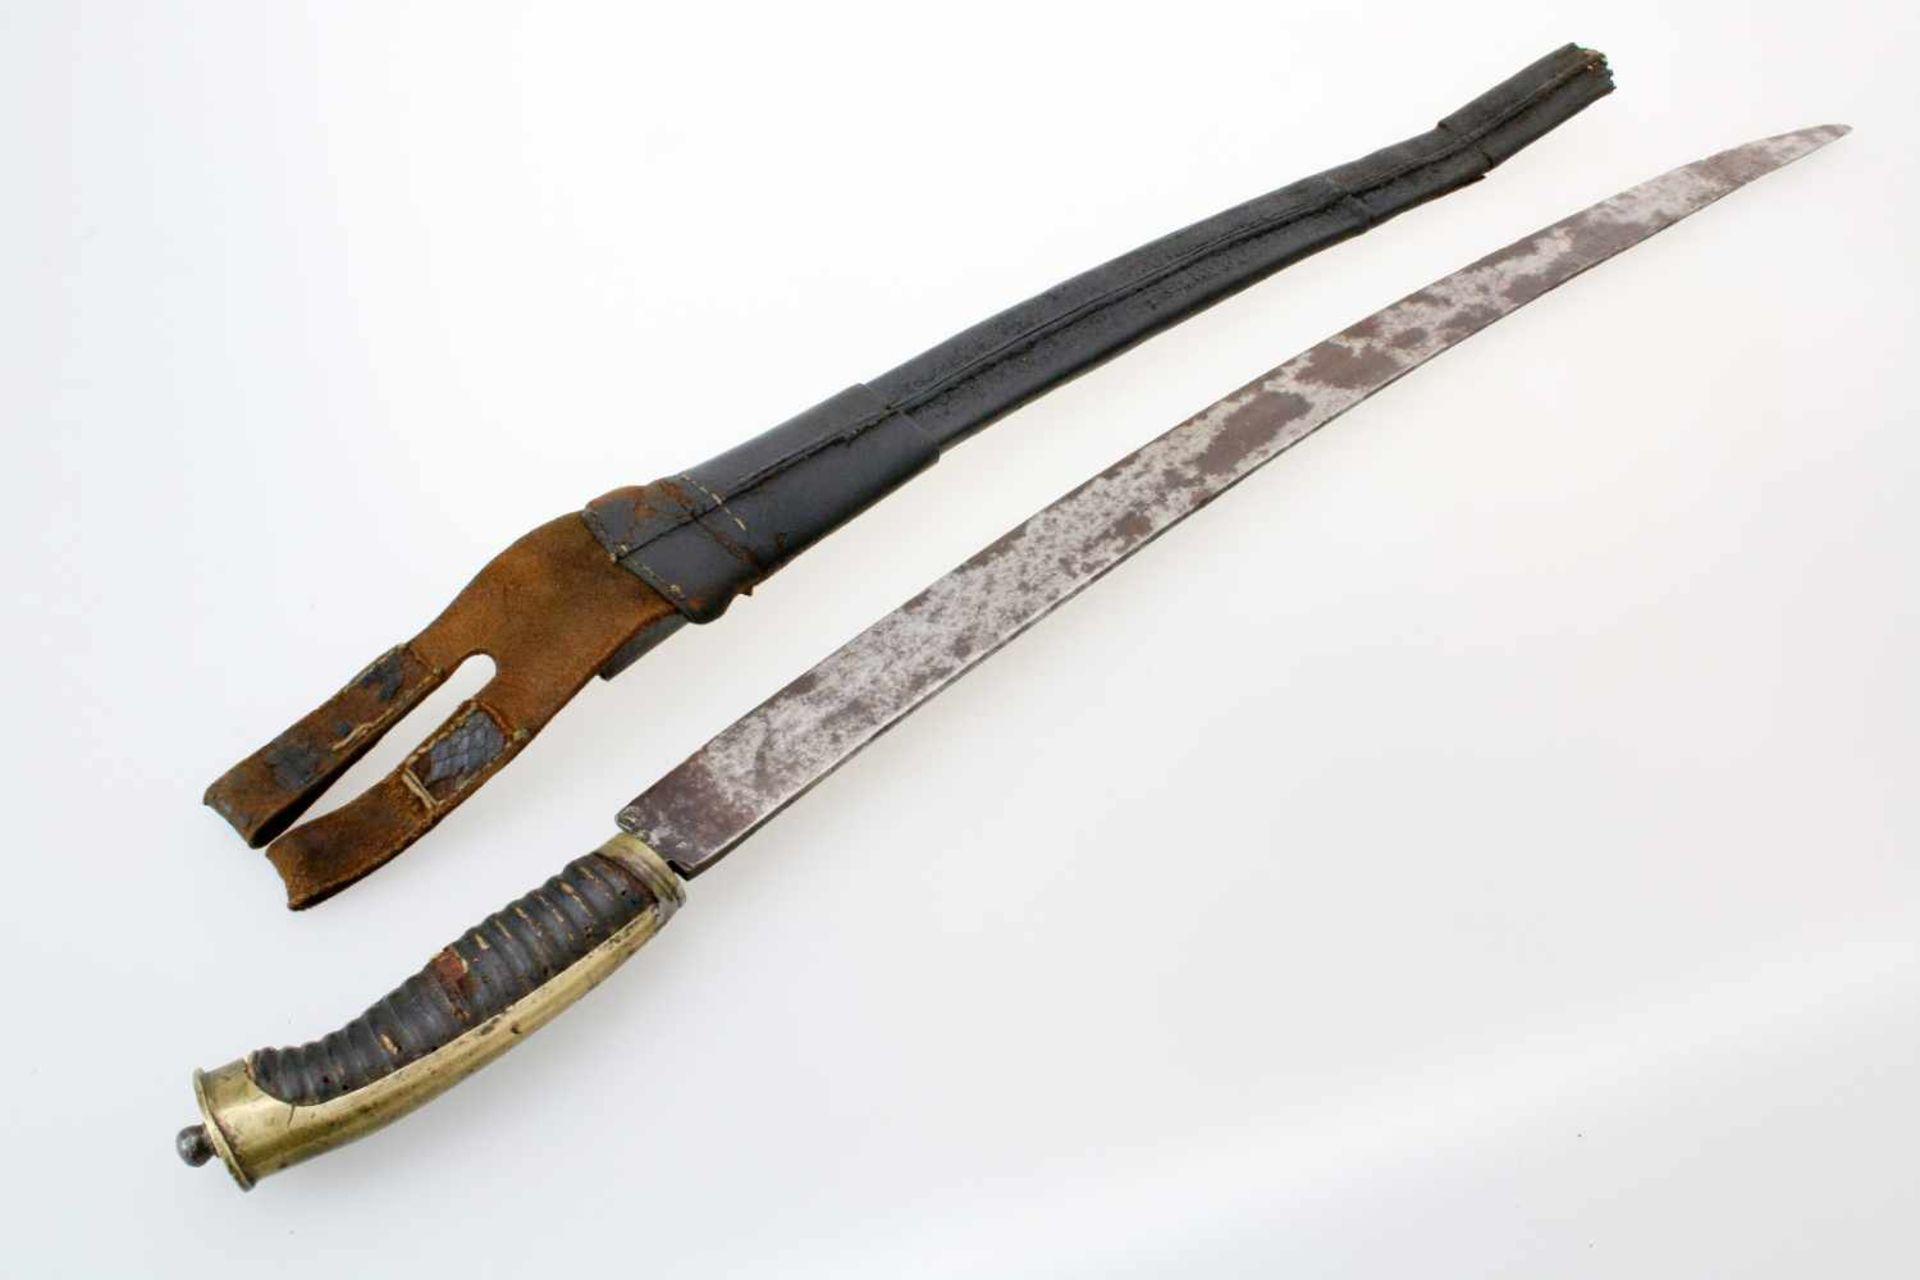 Grenadier-Säbel um 1800Leicht gekrümmte Rückenklinge. Die belederte Holzhilze messingmontiert. - Bild 2 aus 4